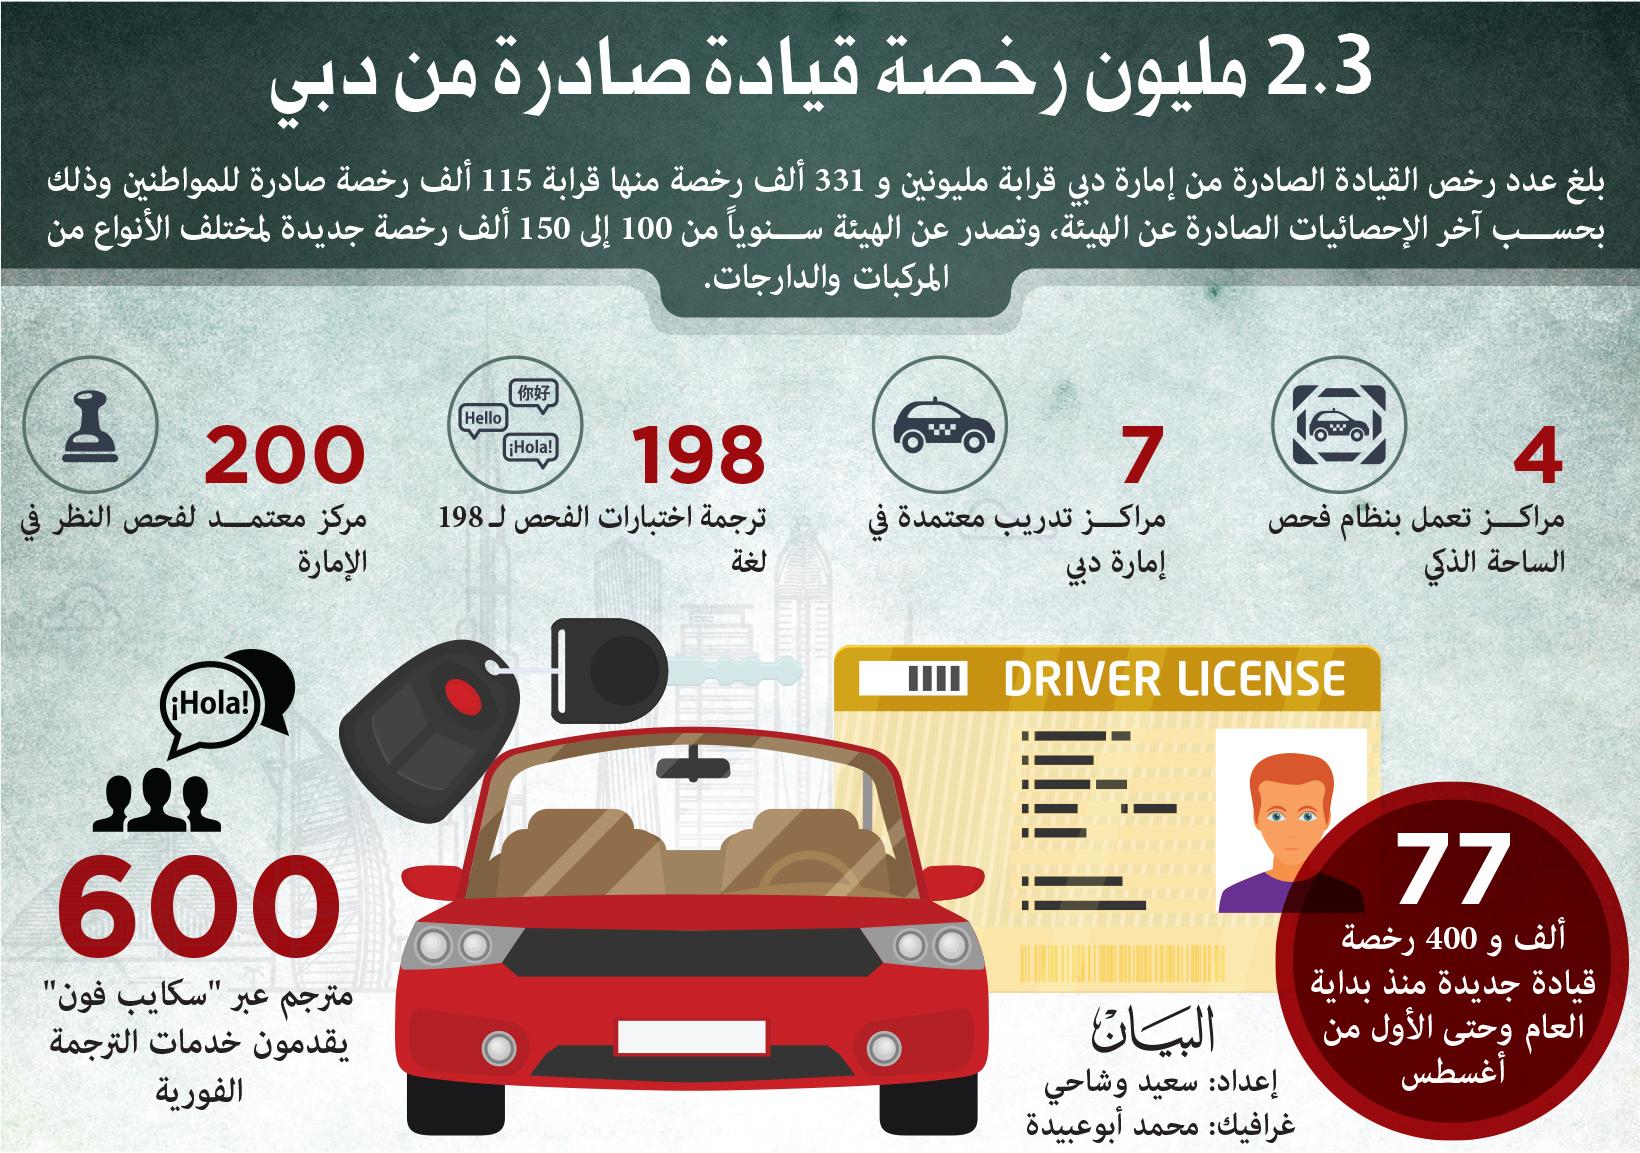 تطبيق فحص الساحة الذكي لاختبارات القيادة في دبي نهاية العام الجاري عبر الإمارات أخبار وتقارير البيان